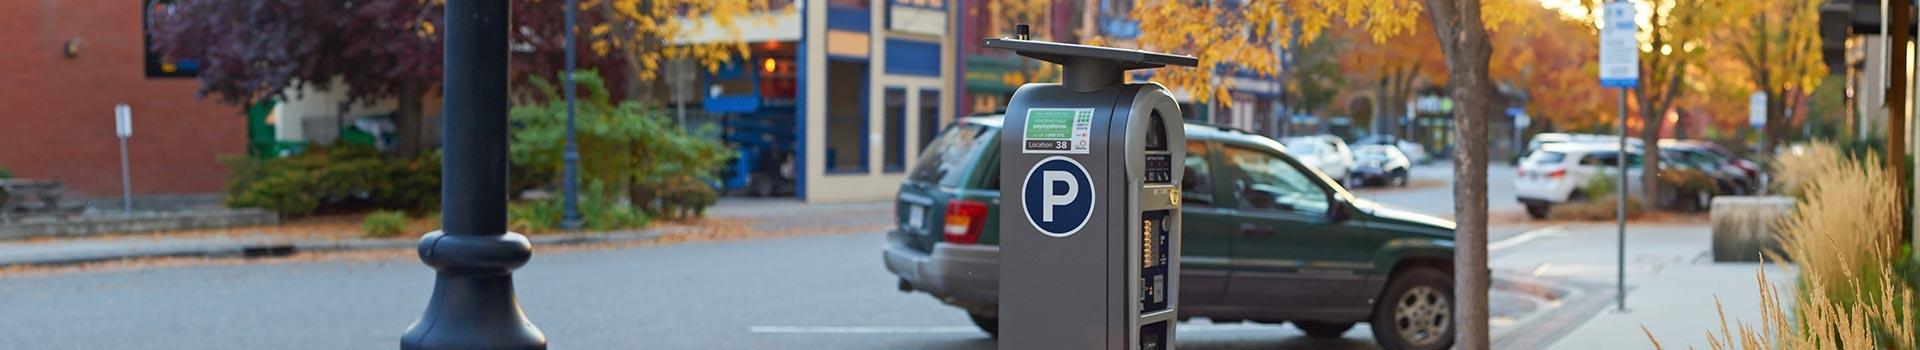 Kelowna parking meter